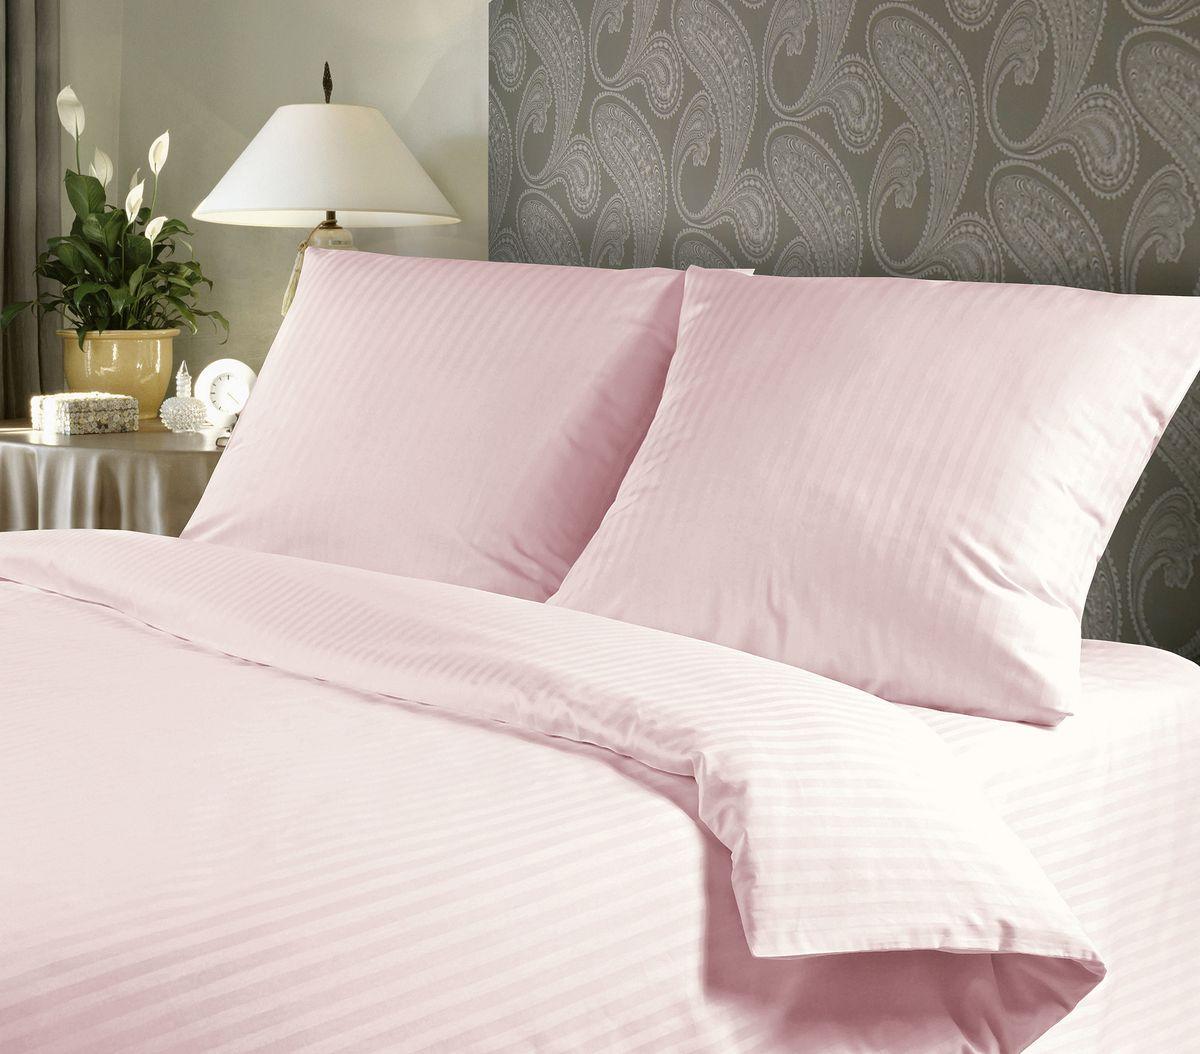 Комплект белья Verossa, евро, наволочки 50х70, 70х70, цвет: розовый192839Сатин - настоящая роскошь для любителей понежиться в постели. Вас манит его блеск, завораживает гладкость, ласкает мягкость, и каждая минута с ним - истинное наслаждение. Тонкая пряжа и атласное переплетение нитей обеспечивают сатину мягкость и деликатность. Легкий блеск сатина делает дизайны живыми и переливающимися. 100% хлопок, не электризуется и отлично пропускает воздух, ткань дышит. Легко стирается и практически не требует глажения. Не линяет, не изменяет вид после многочисленных стирок.